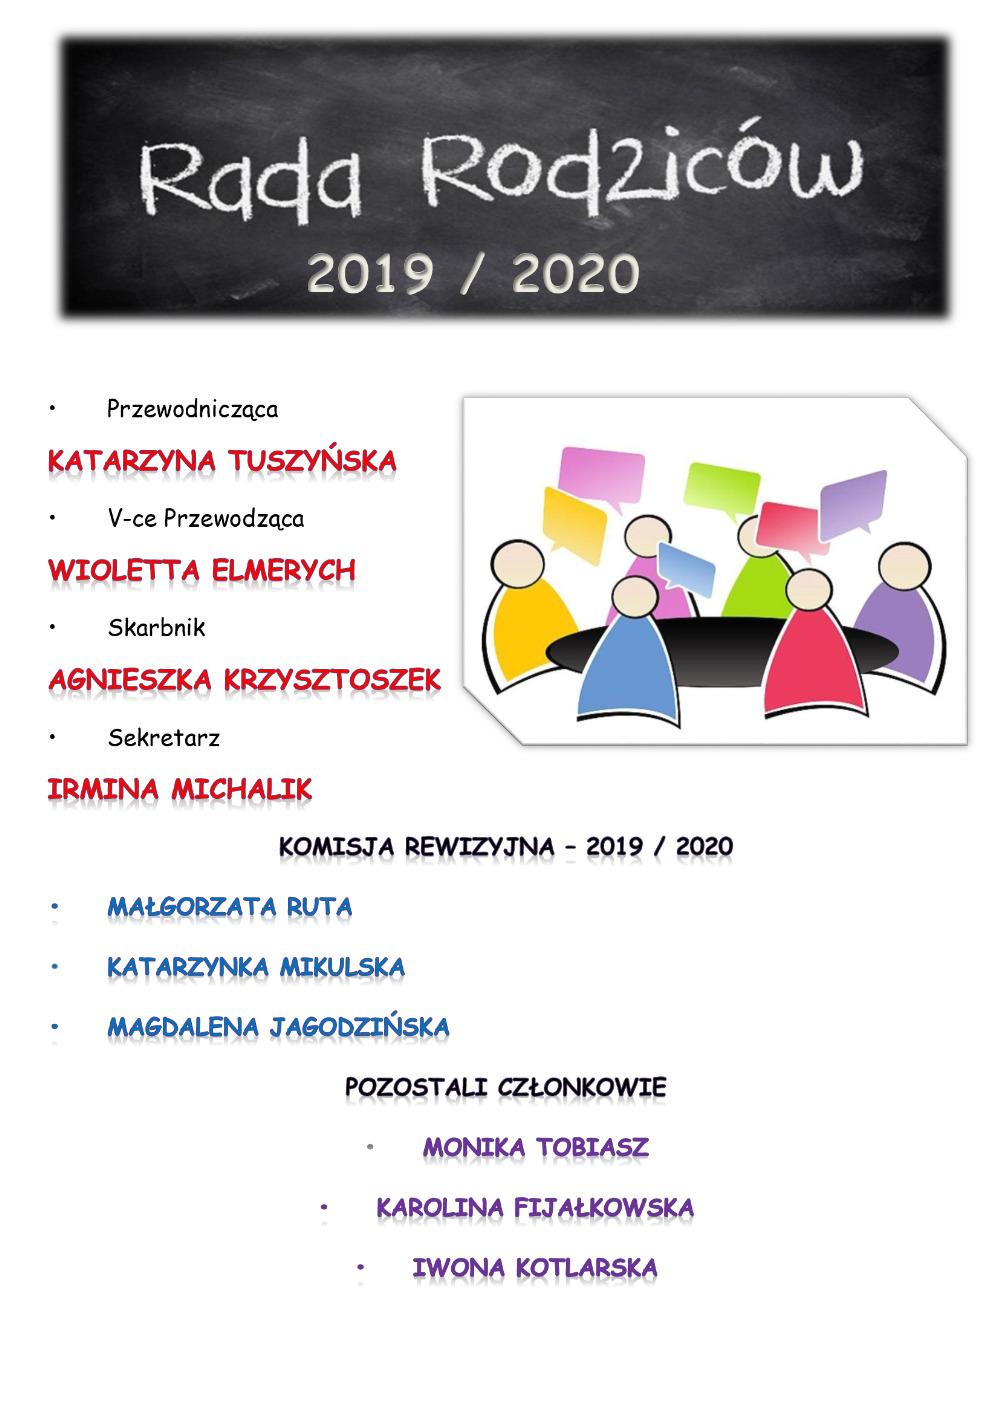 Rada rodziców 2019-2020